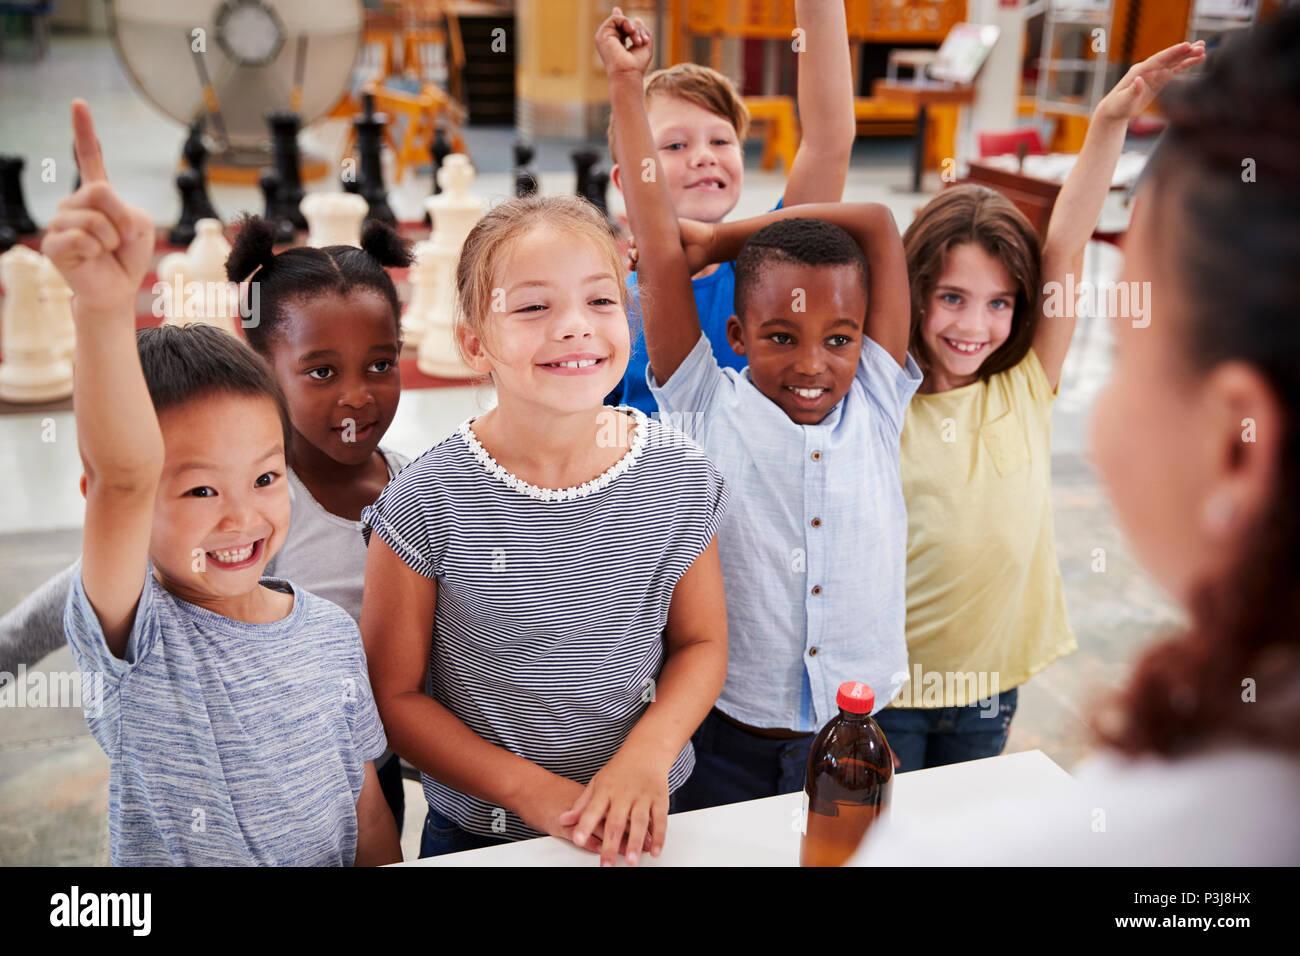 Gruppe von Kindern Freiwilligenarbeit Teacher's Frage zu beantworten Stockbild